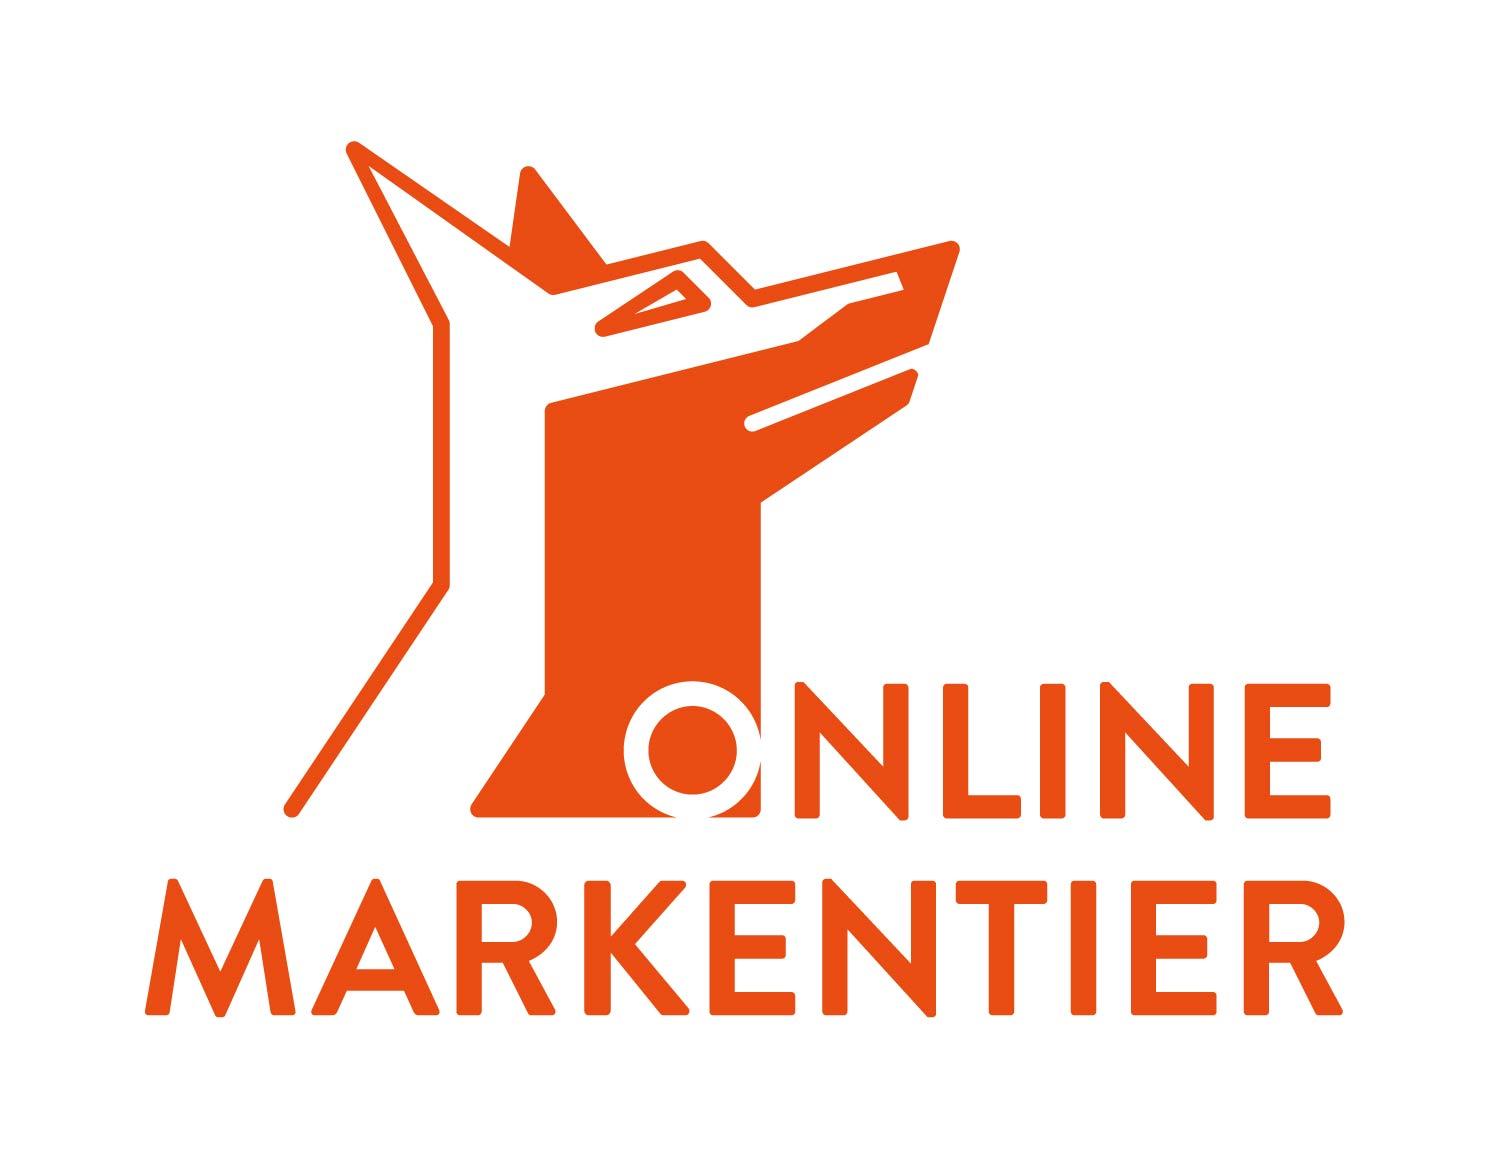 Onlinemarkentier.de